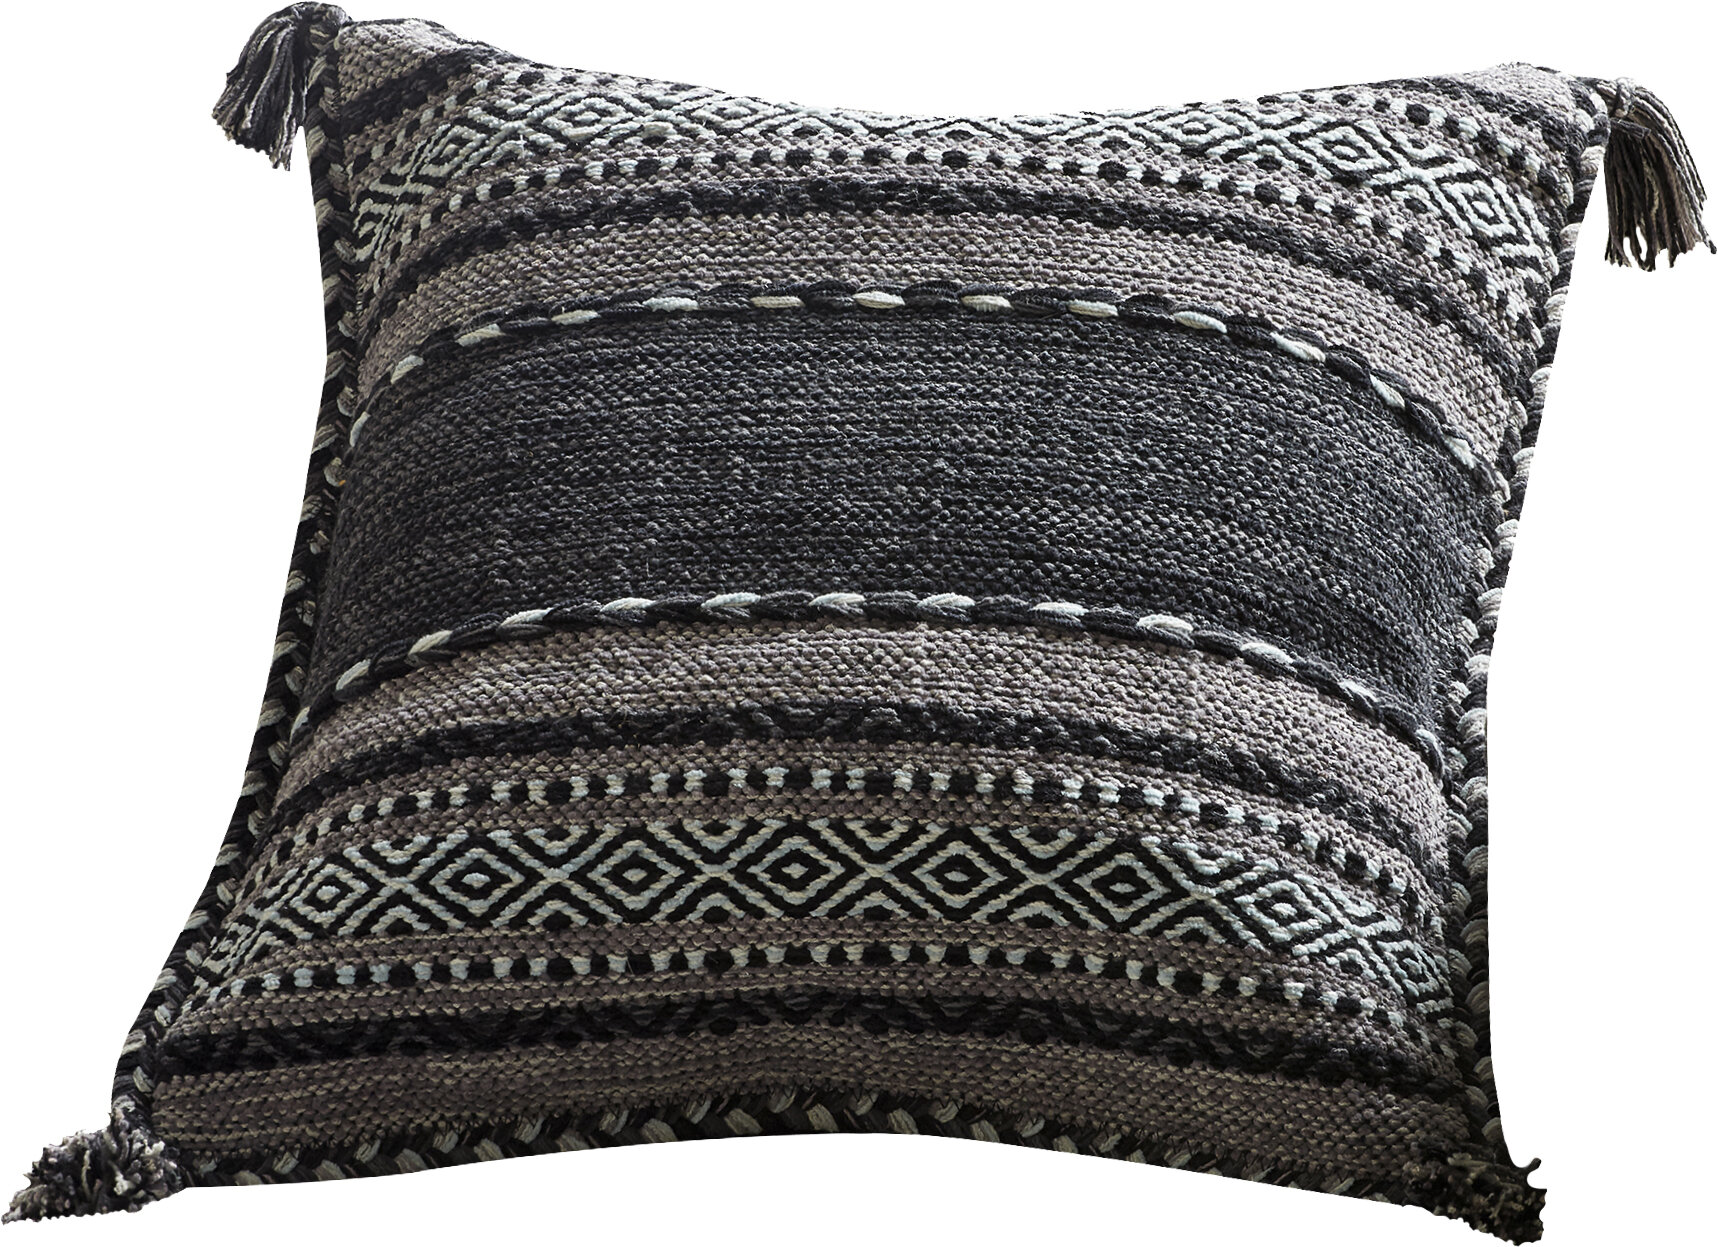 Black Brown Throw Pillows You Ll Love In 2021 Wayfair